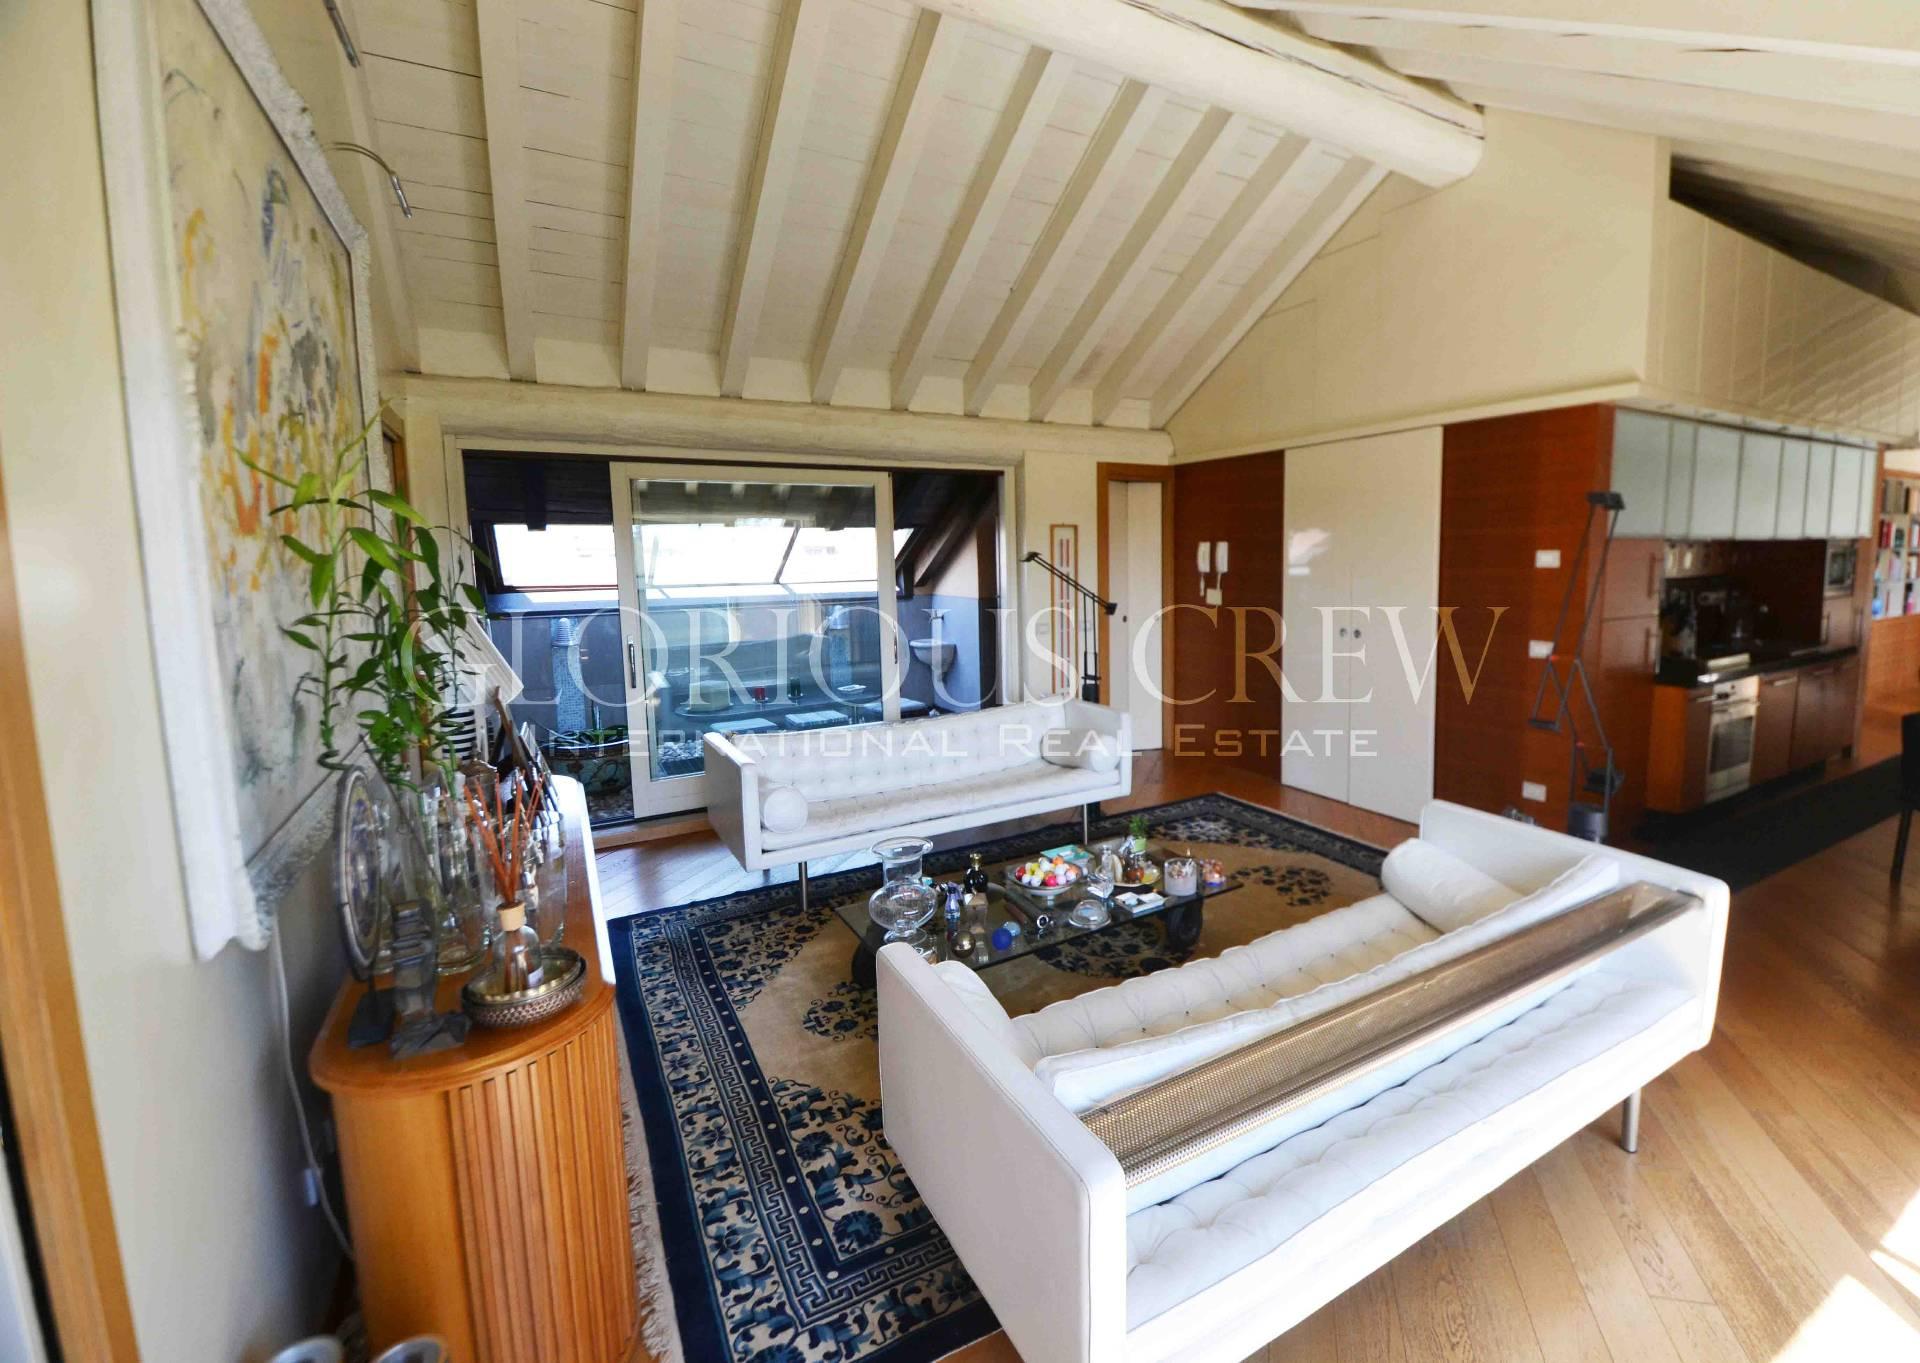 Appartamento in Vendita a Pieve Emanuele: 4 locali, 200 mq - Foto 2